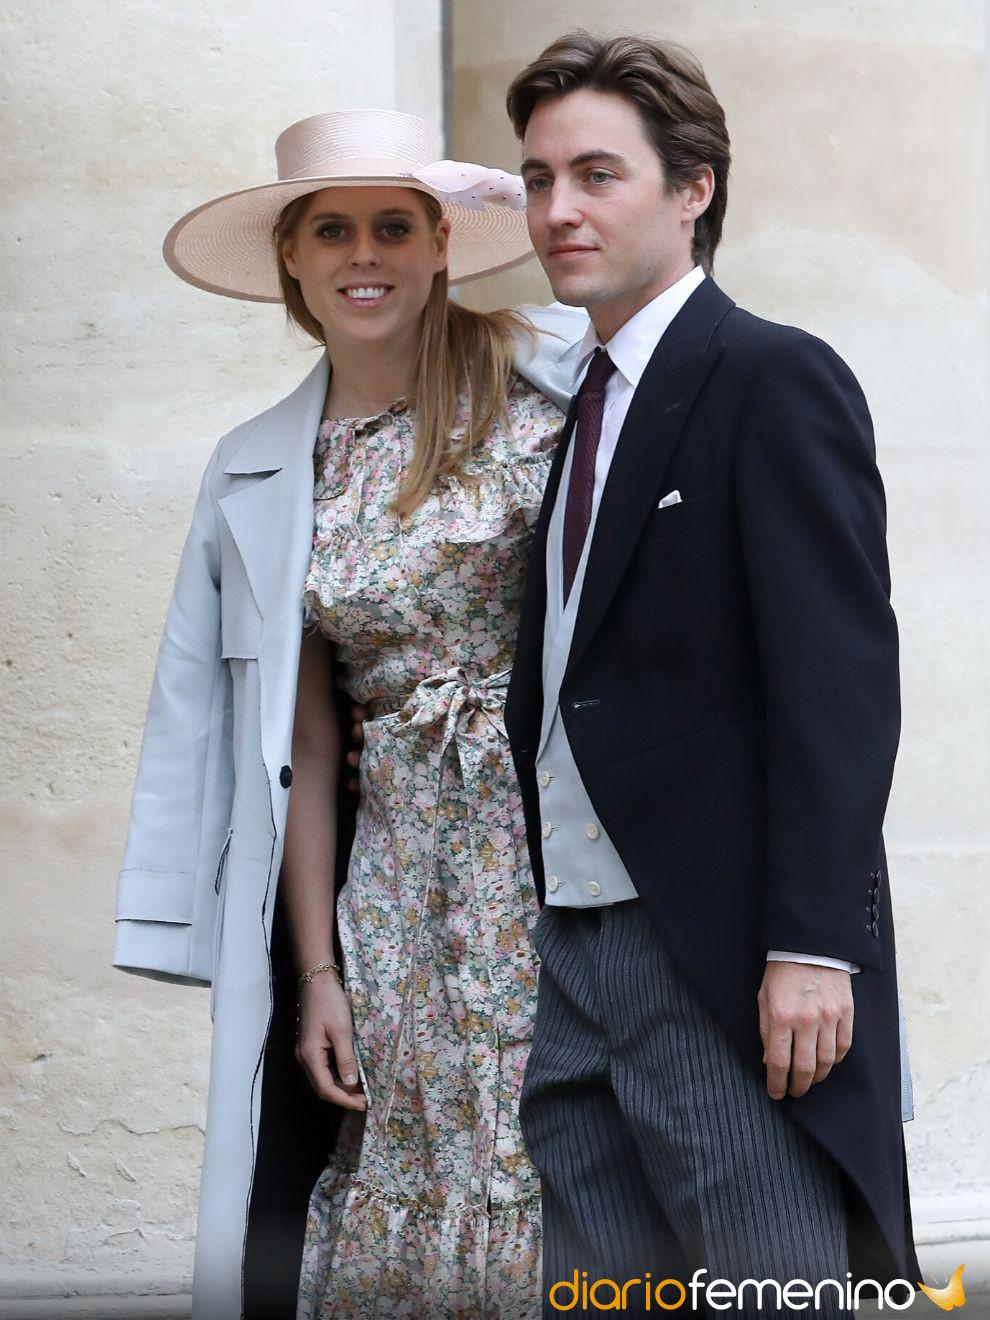 Beatriz de York y Edoardo Mapelli, boda 2020 en la Realeza